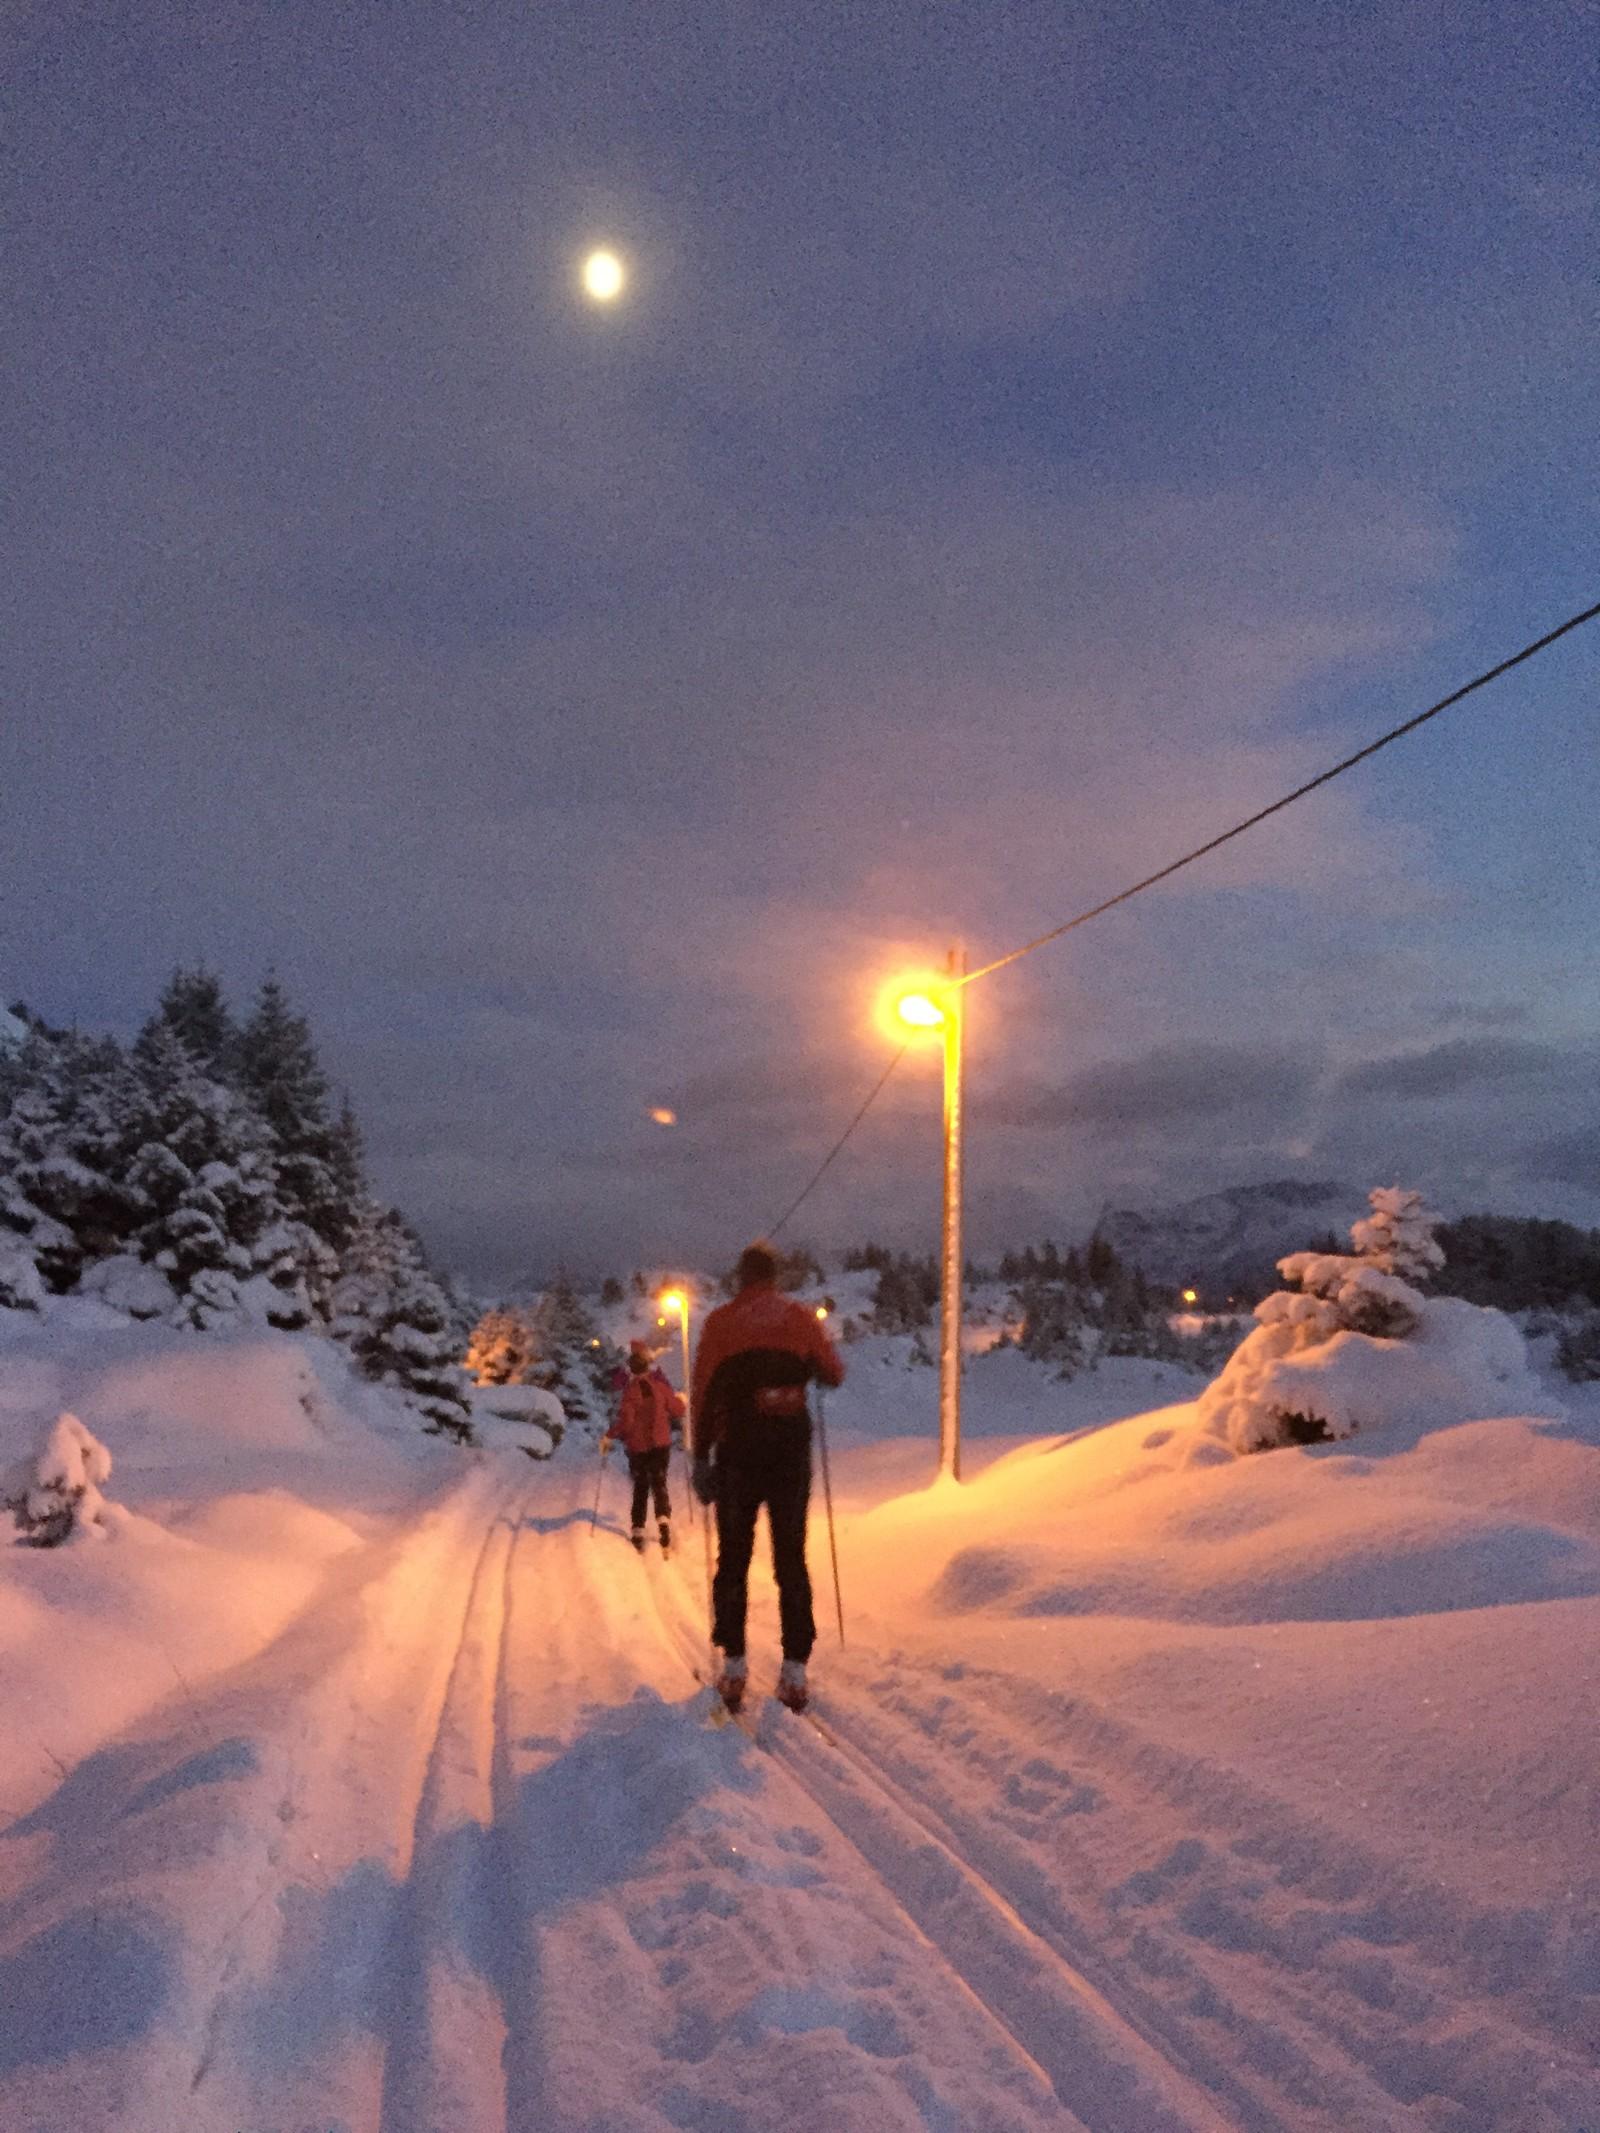 Ikkje kvart år det er skiløyper i Måløy, men heile veka har det vore ivrige skigårarar rundt Skramsvatnet ovanfor Måløy.